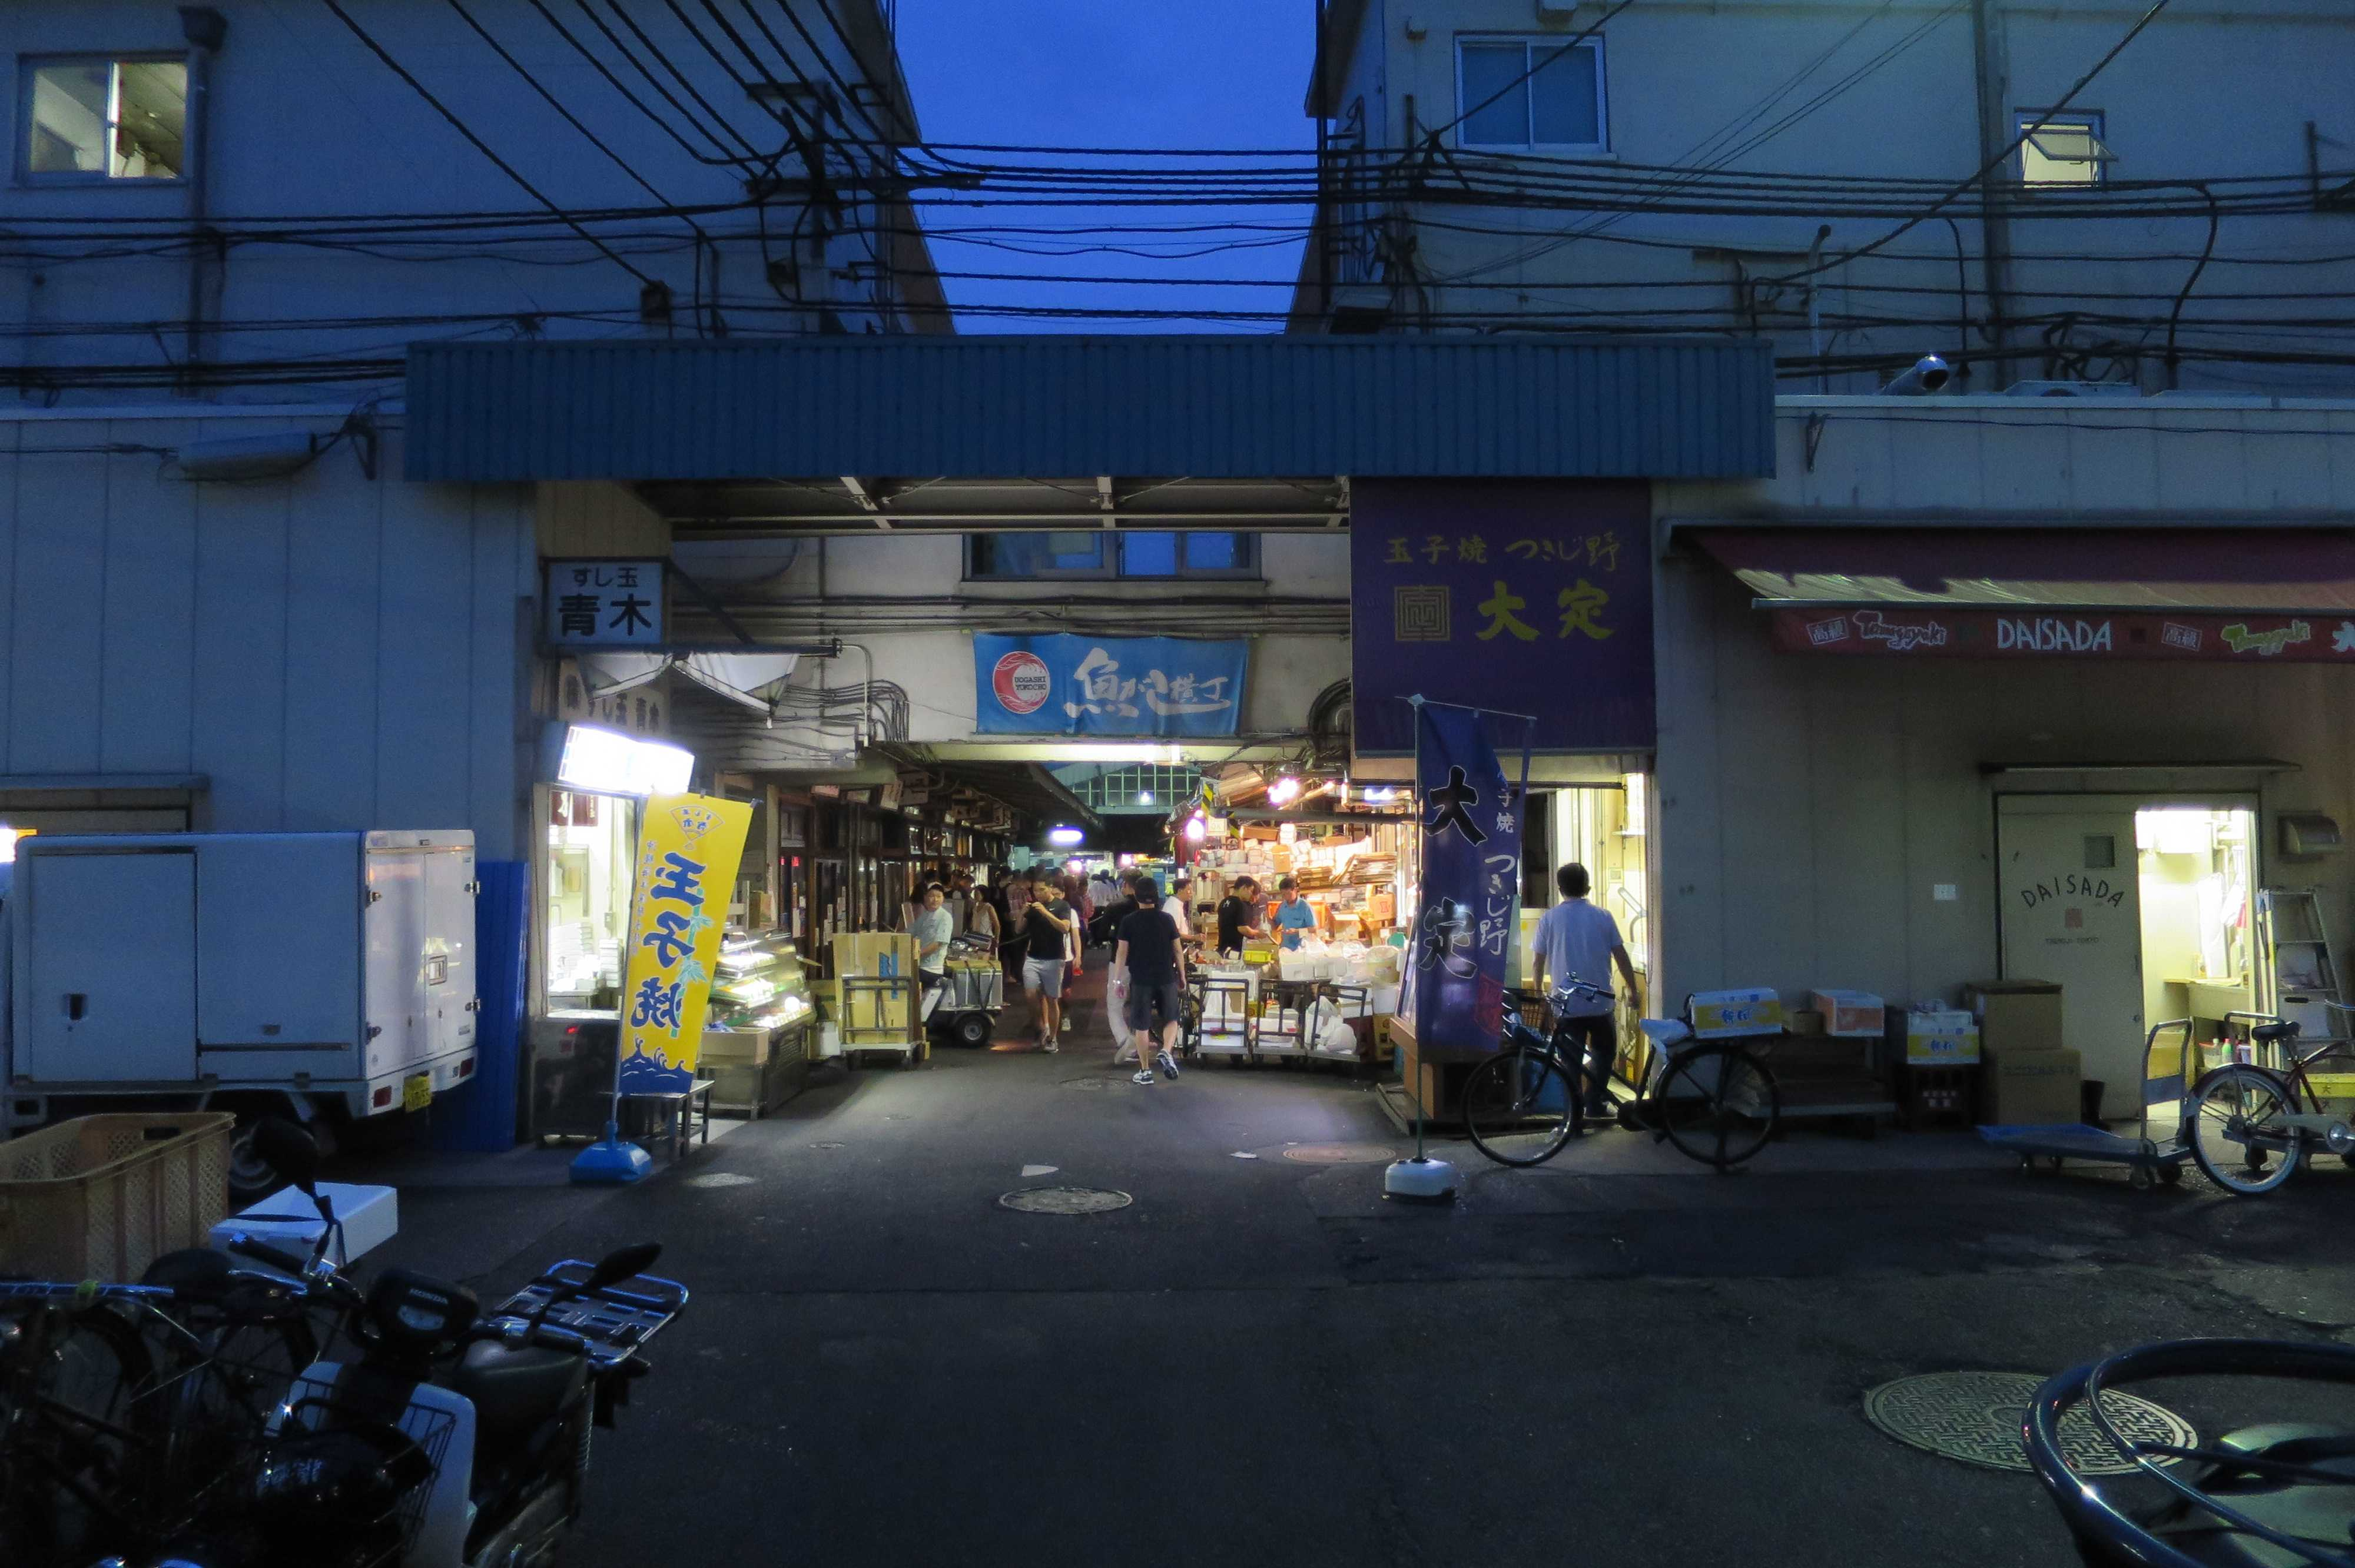 築地市場(場内) - 魚がし横丁 入口